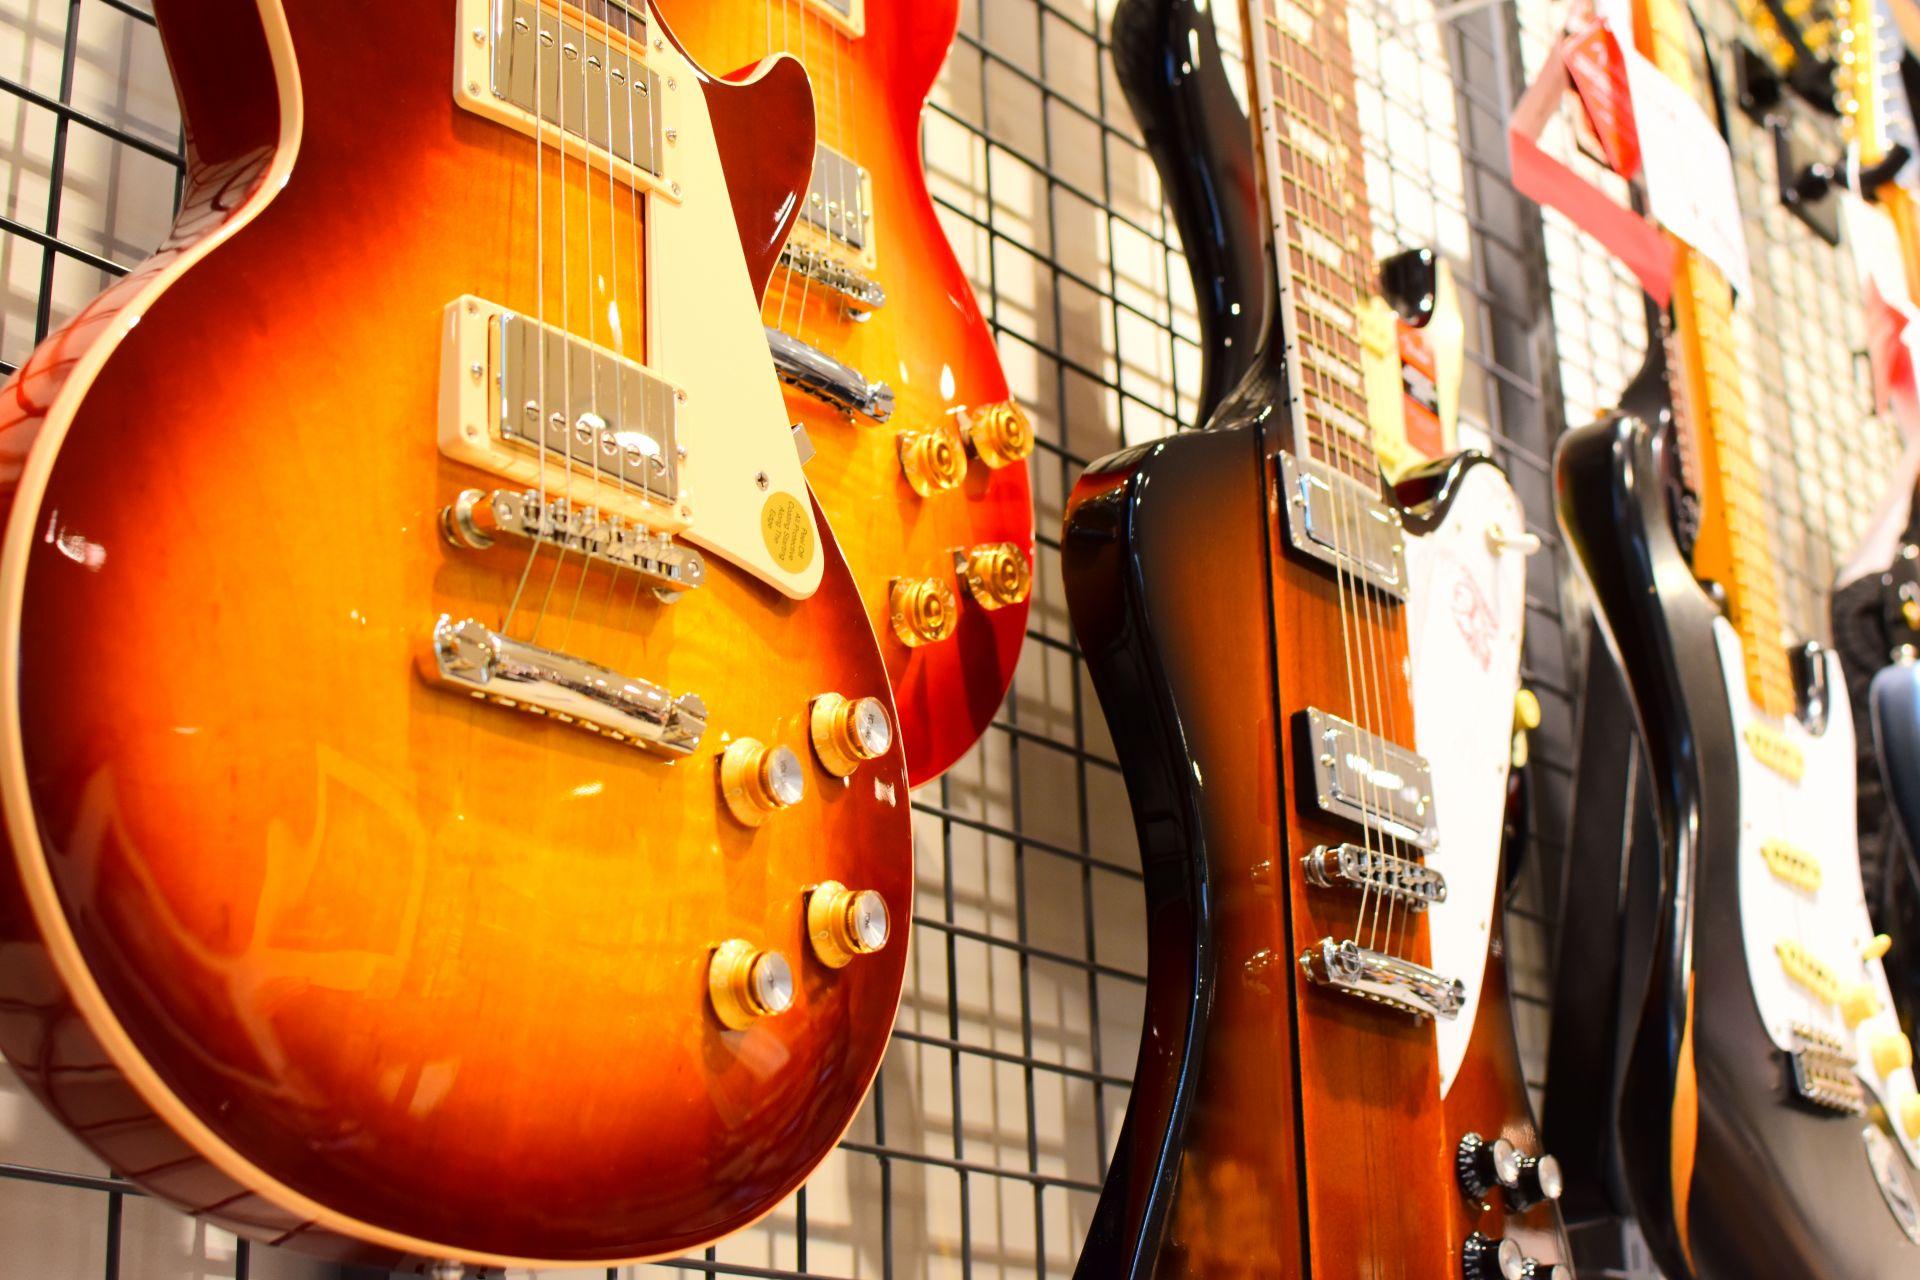 ギター ベース 弦交換 修理相談 メンテナンス 千葉ニュータウン 印西